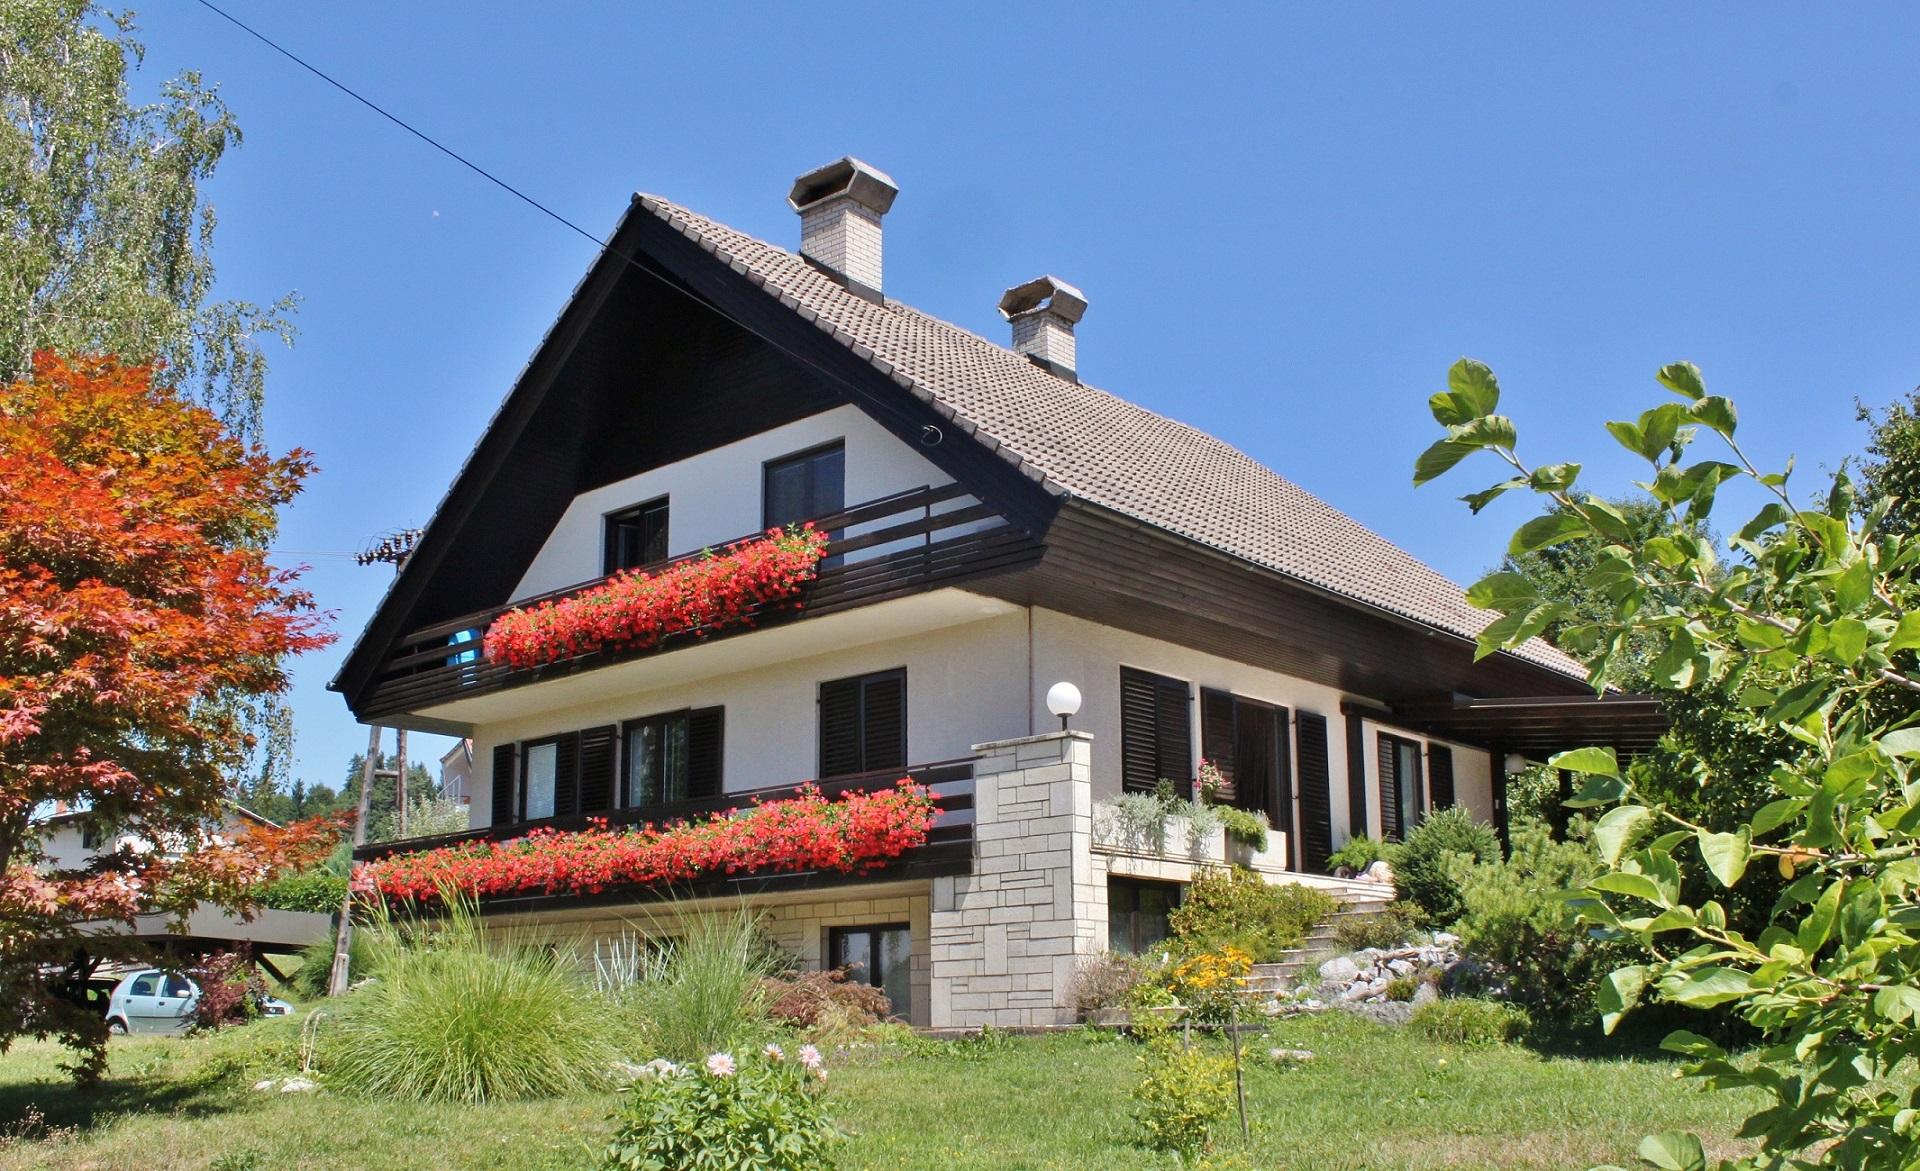 Šmidova hiša in njena okolica sta preprosto, a prikupno urejeni.